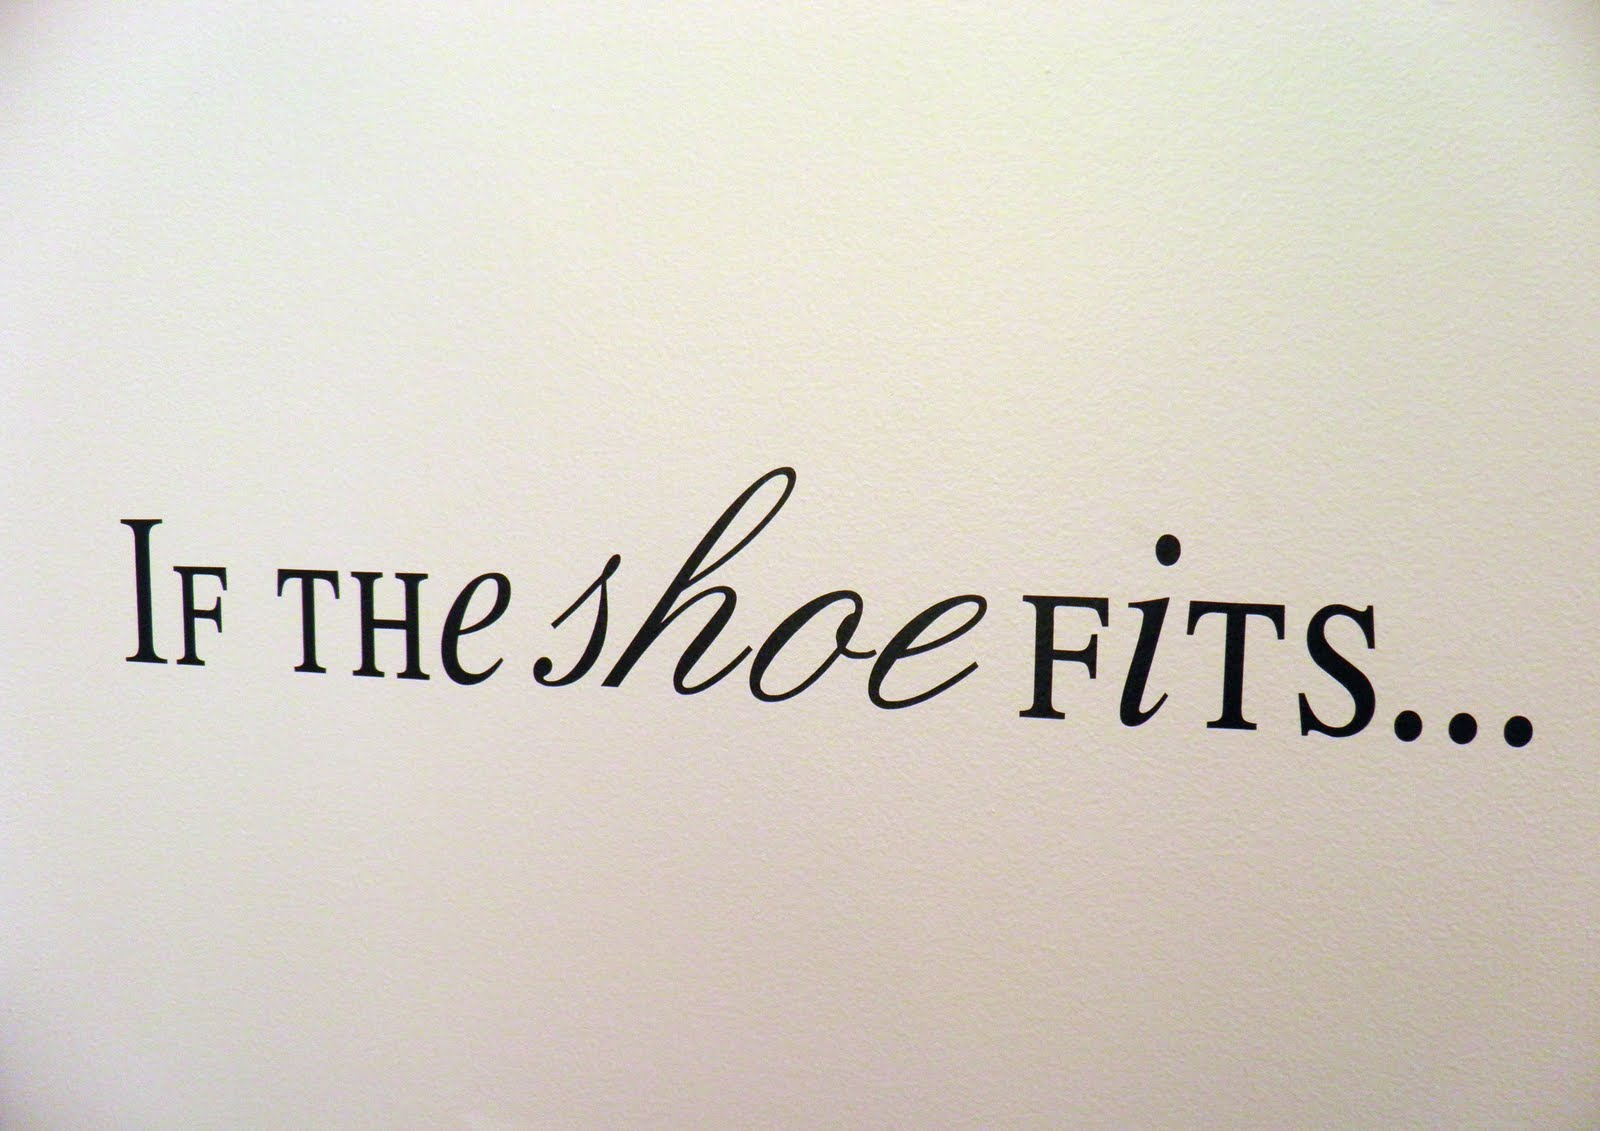 Quotes about new shoes 66 quotes quotes about new shoes publicscrutiny Images